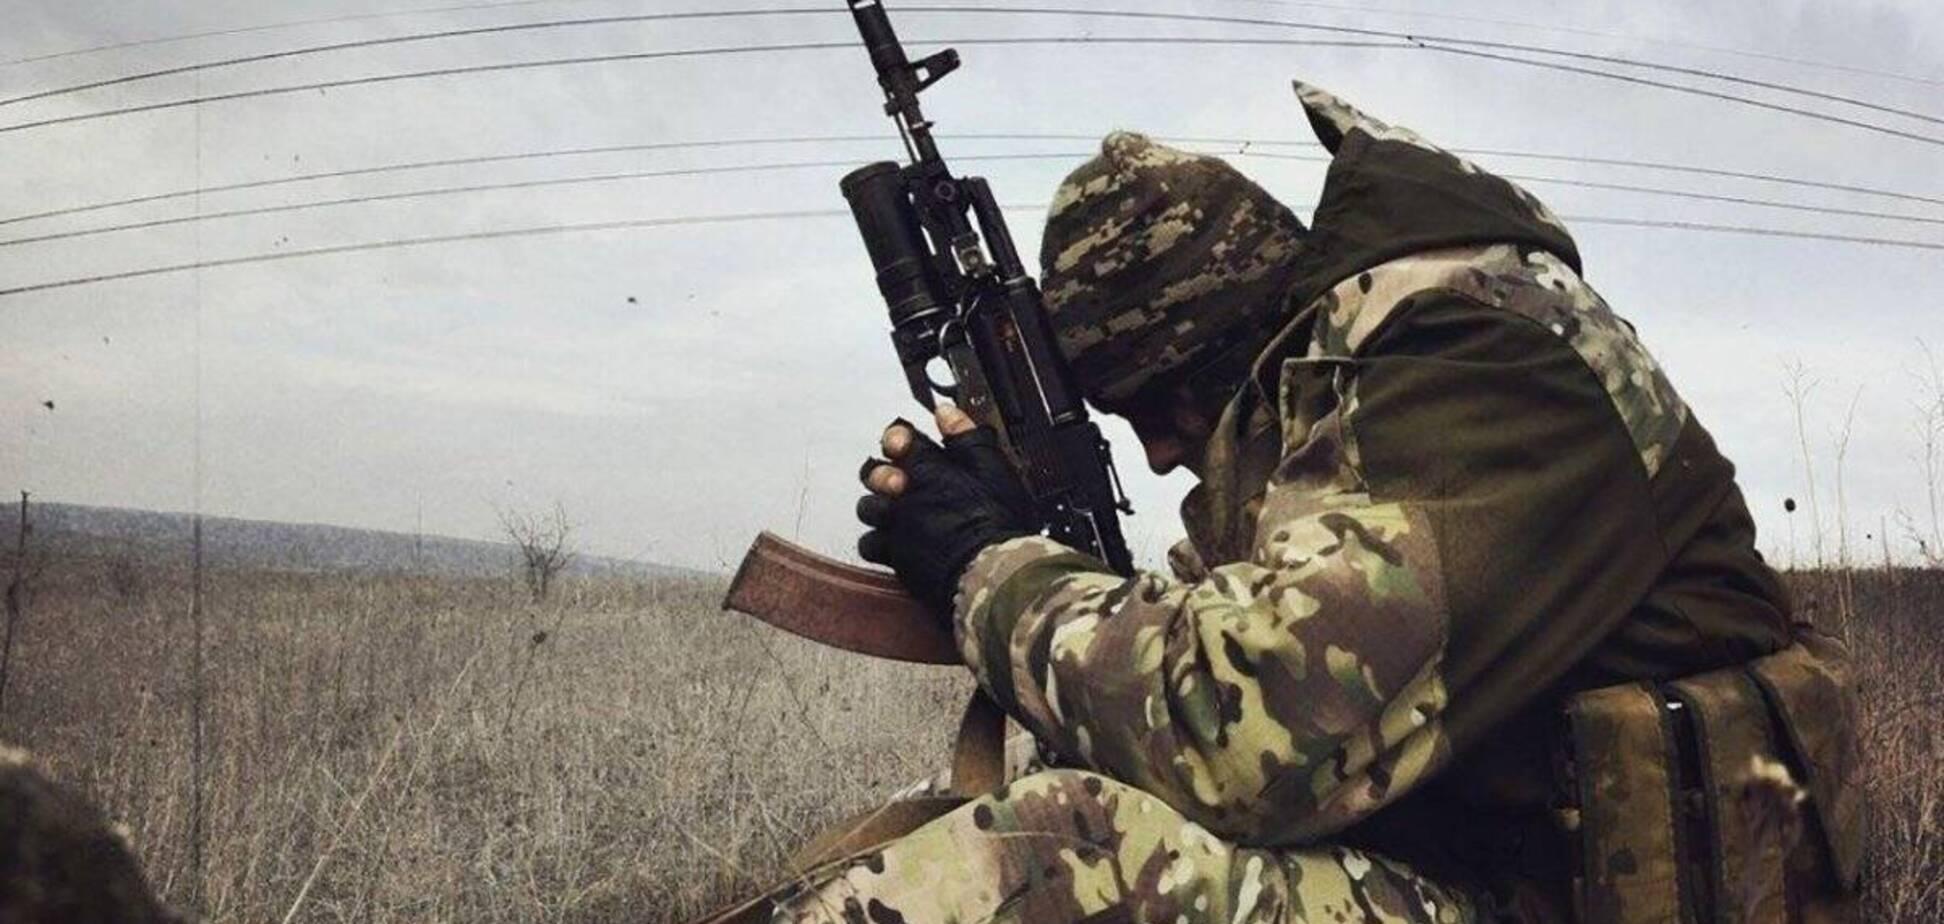 На Донбасі розстріляли групу евакуації: 9 людей потрапили в потрійну засідку